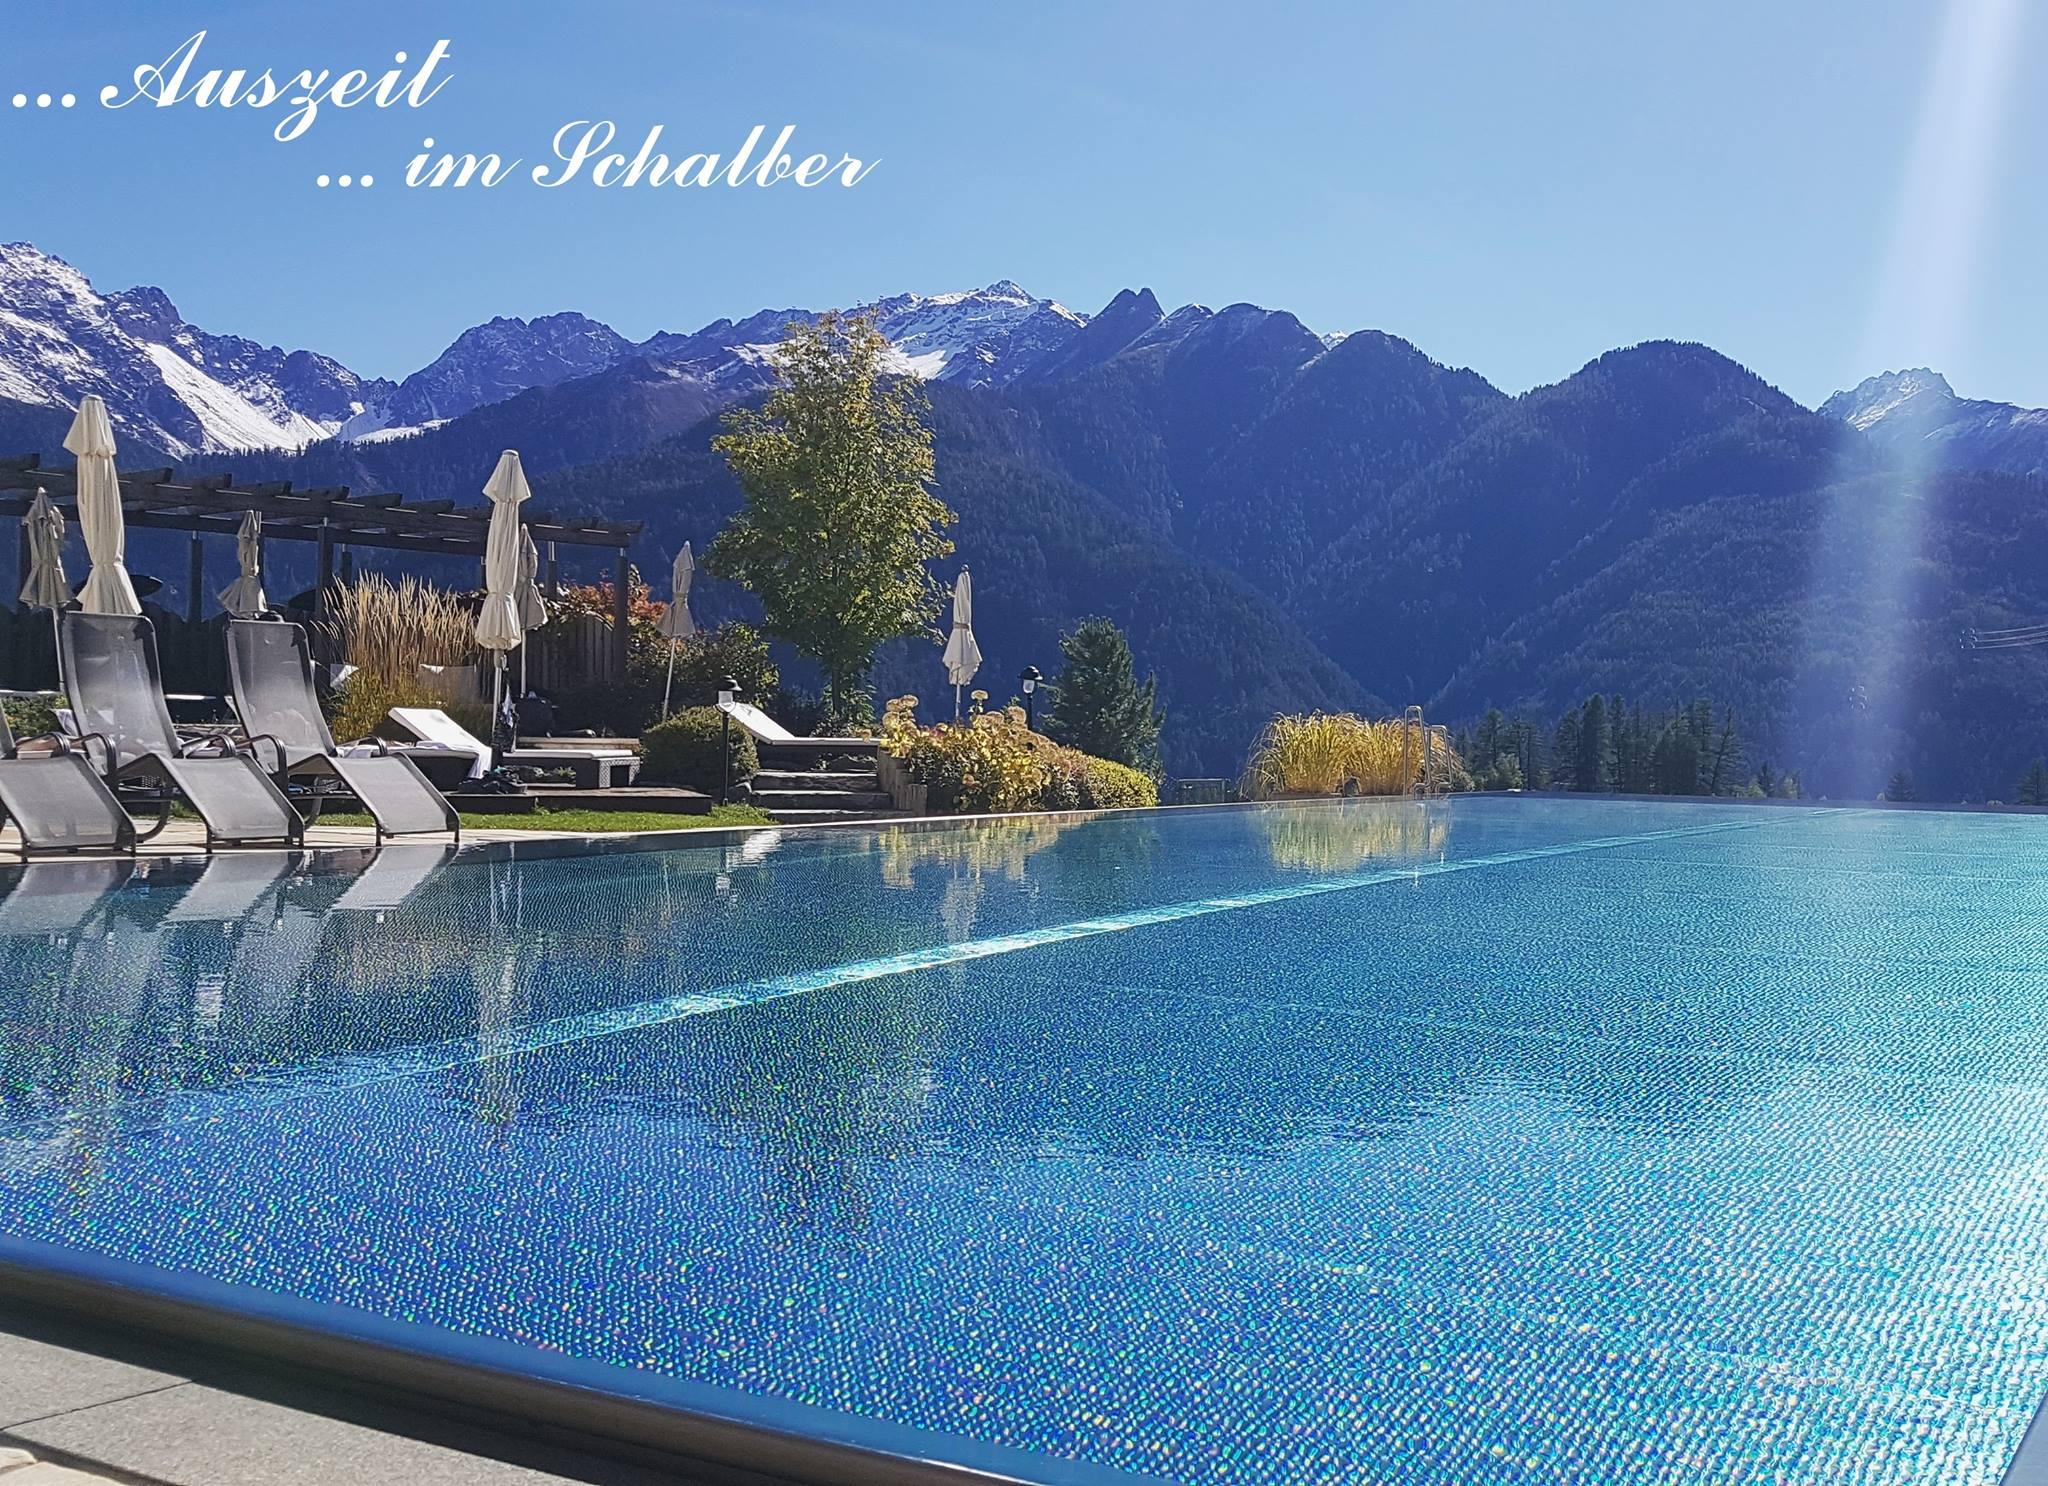 SCHALBER - DAS 5 STERNE SUPERIOR WELLNESSHOTEL IN TIROL Tirol